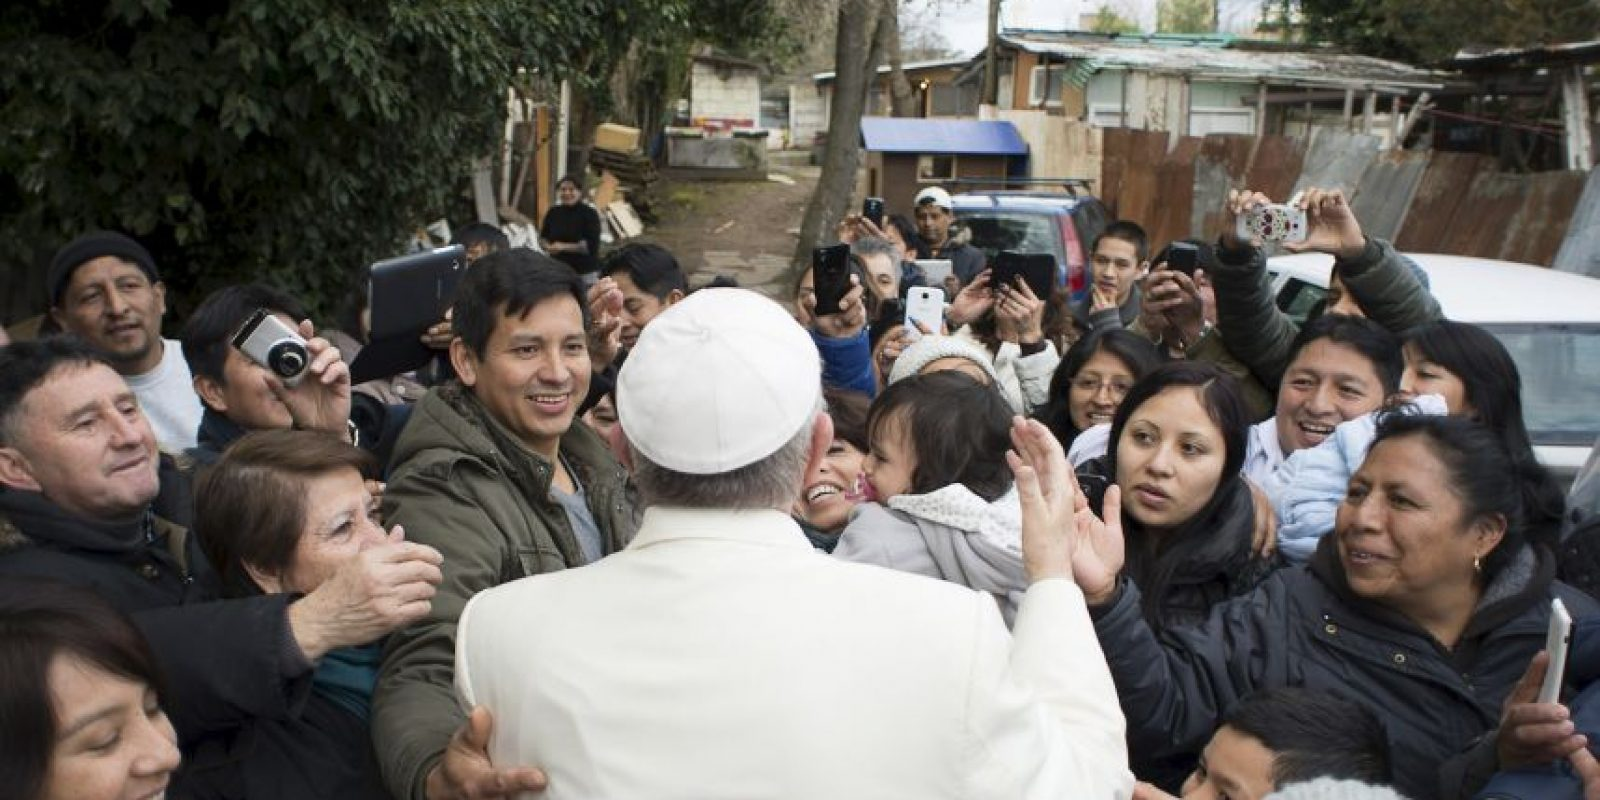 Francisco les dijo que había escuchado hablar de esa comunidad y quería conocerla. Foto:AP